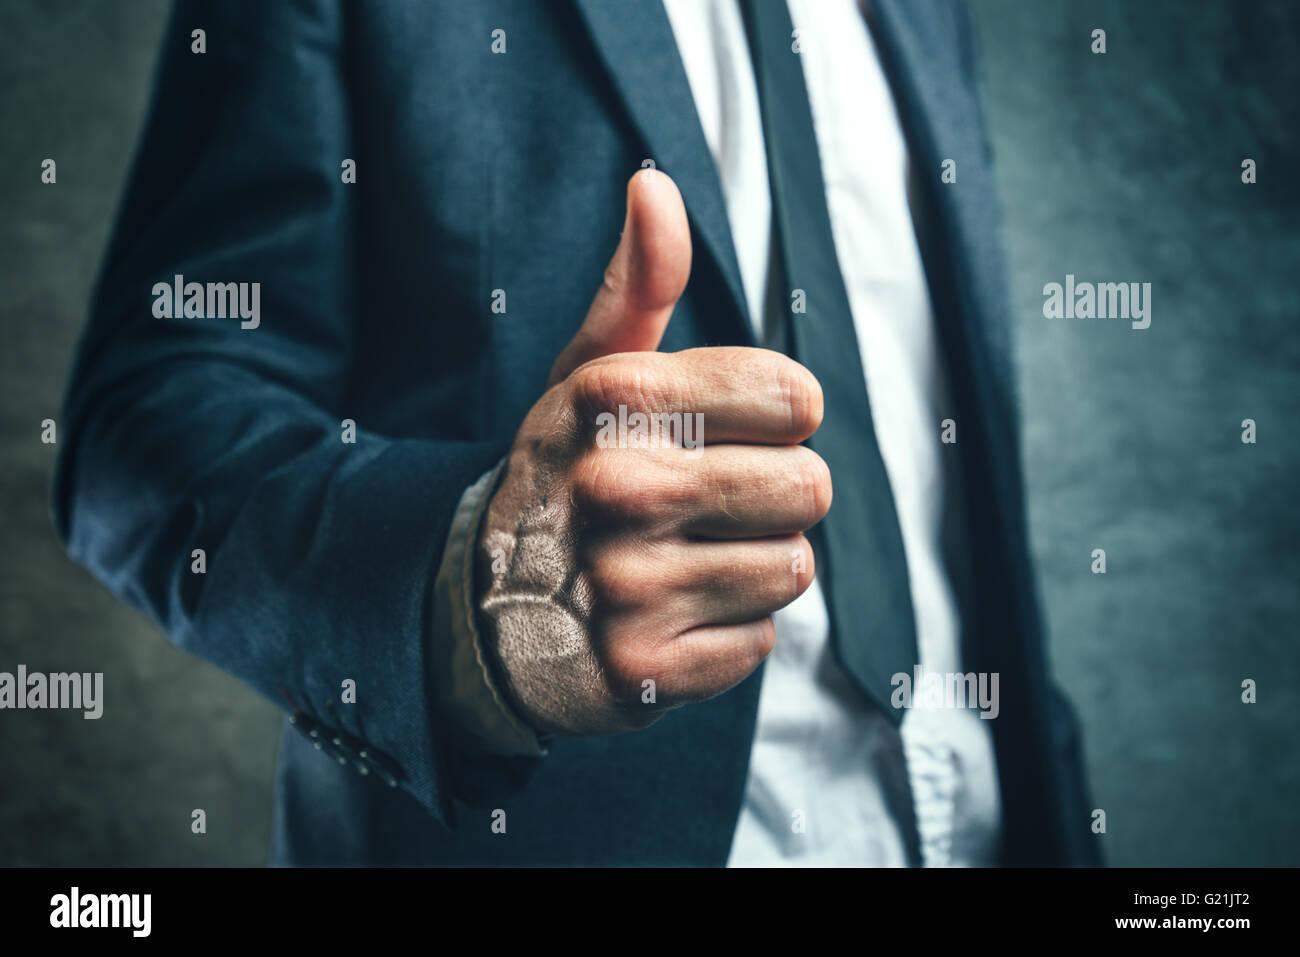 Obtener aprobación de jefes, negociante gesticulando pulgar arriba para apoyar o aprobar los empleados trabajan, Imagen De Stock